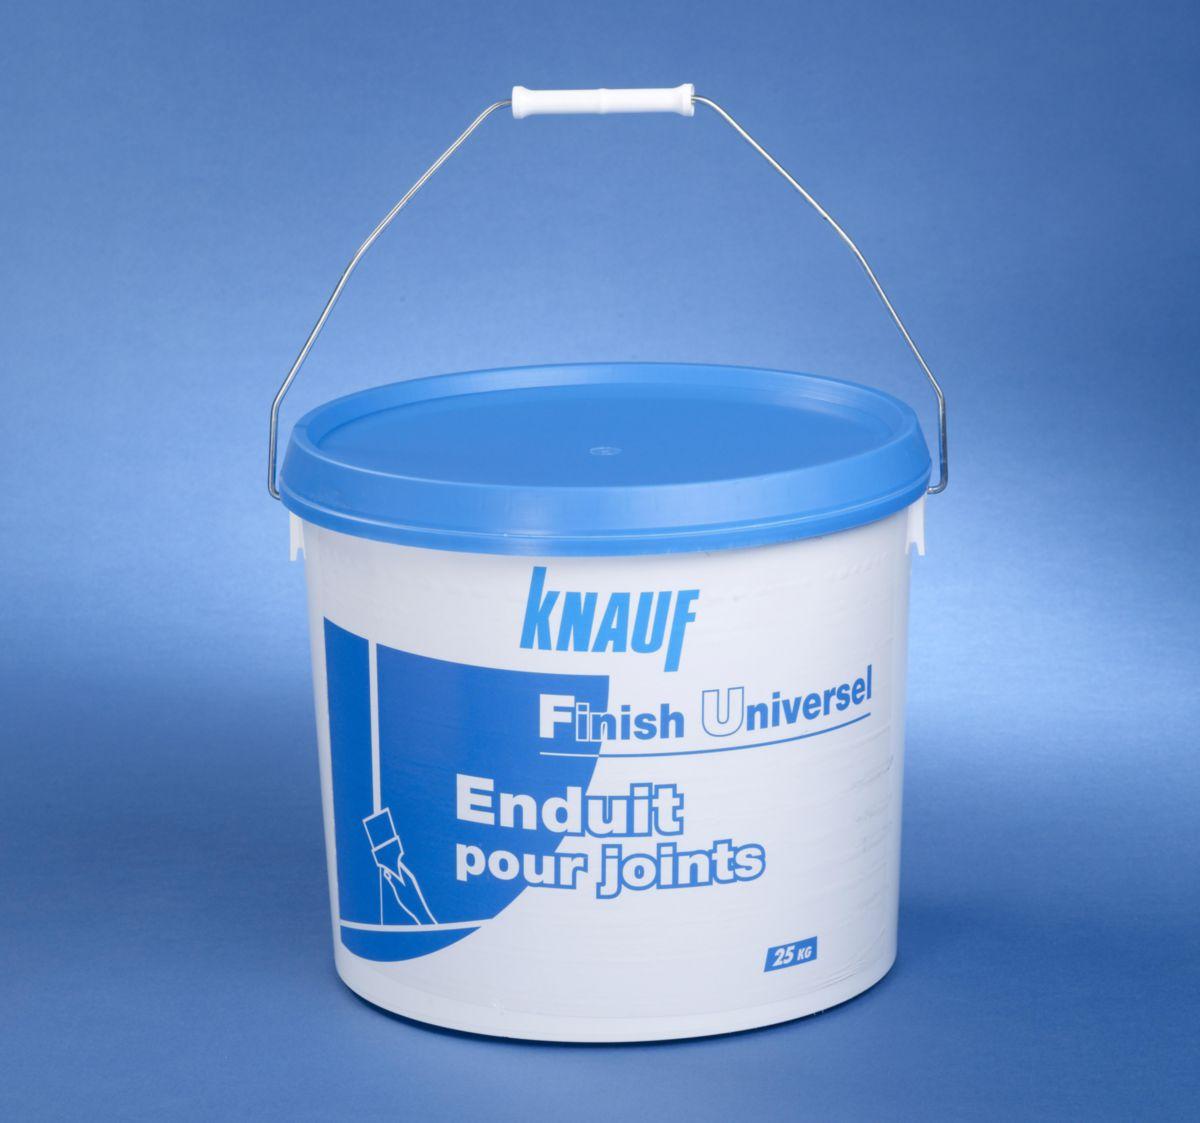 enduit finish universel seau de _5 kg - knauf - plâtre - isolation